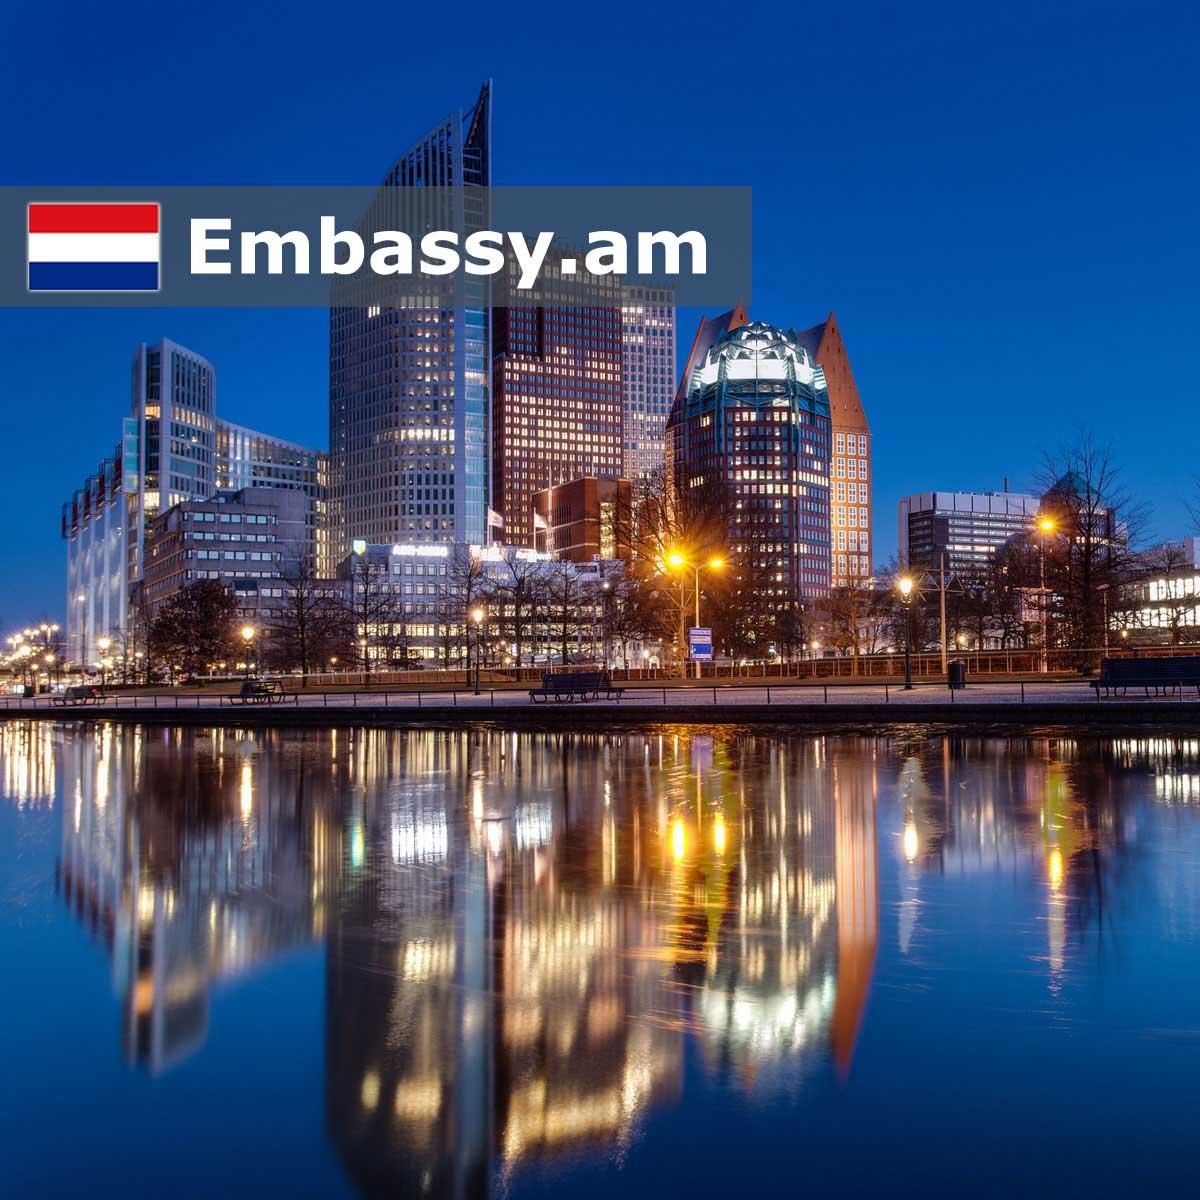 Гаага - Отели в Нидерландах - Embassy.am